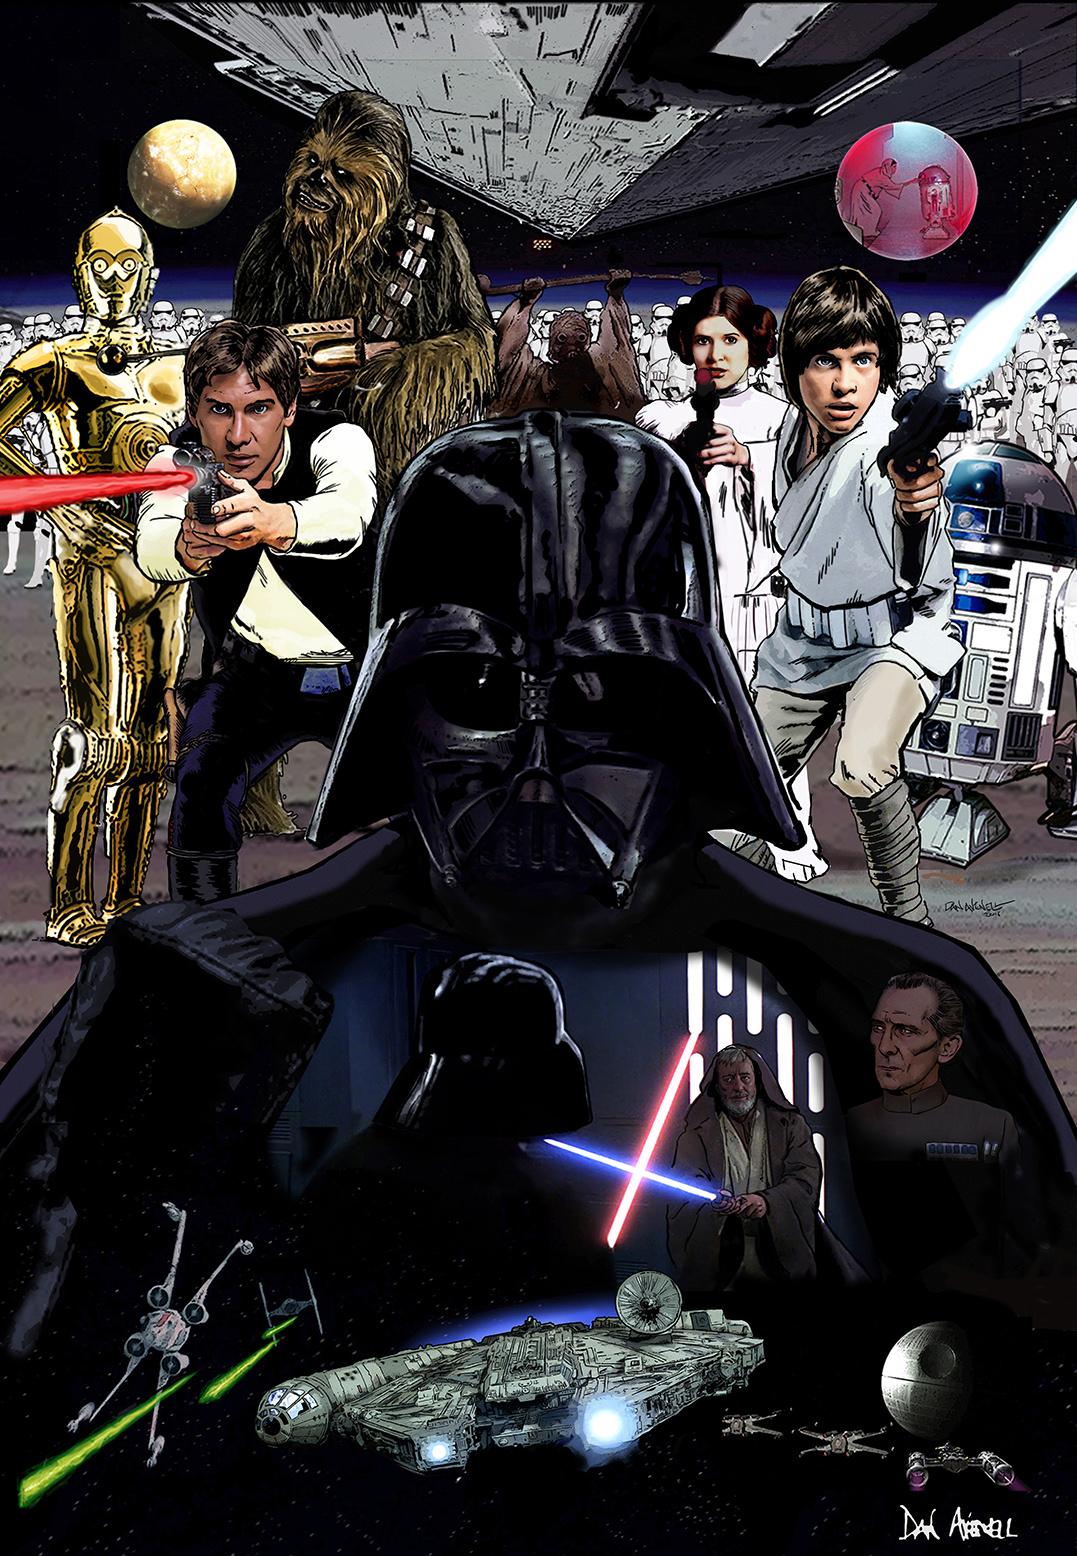 star-wars-montage-i-dan-avenell.jpg